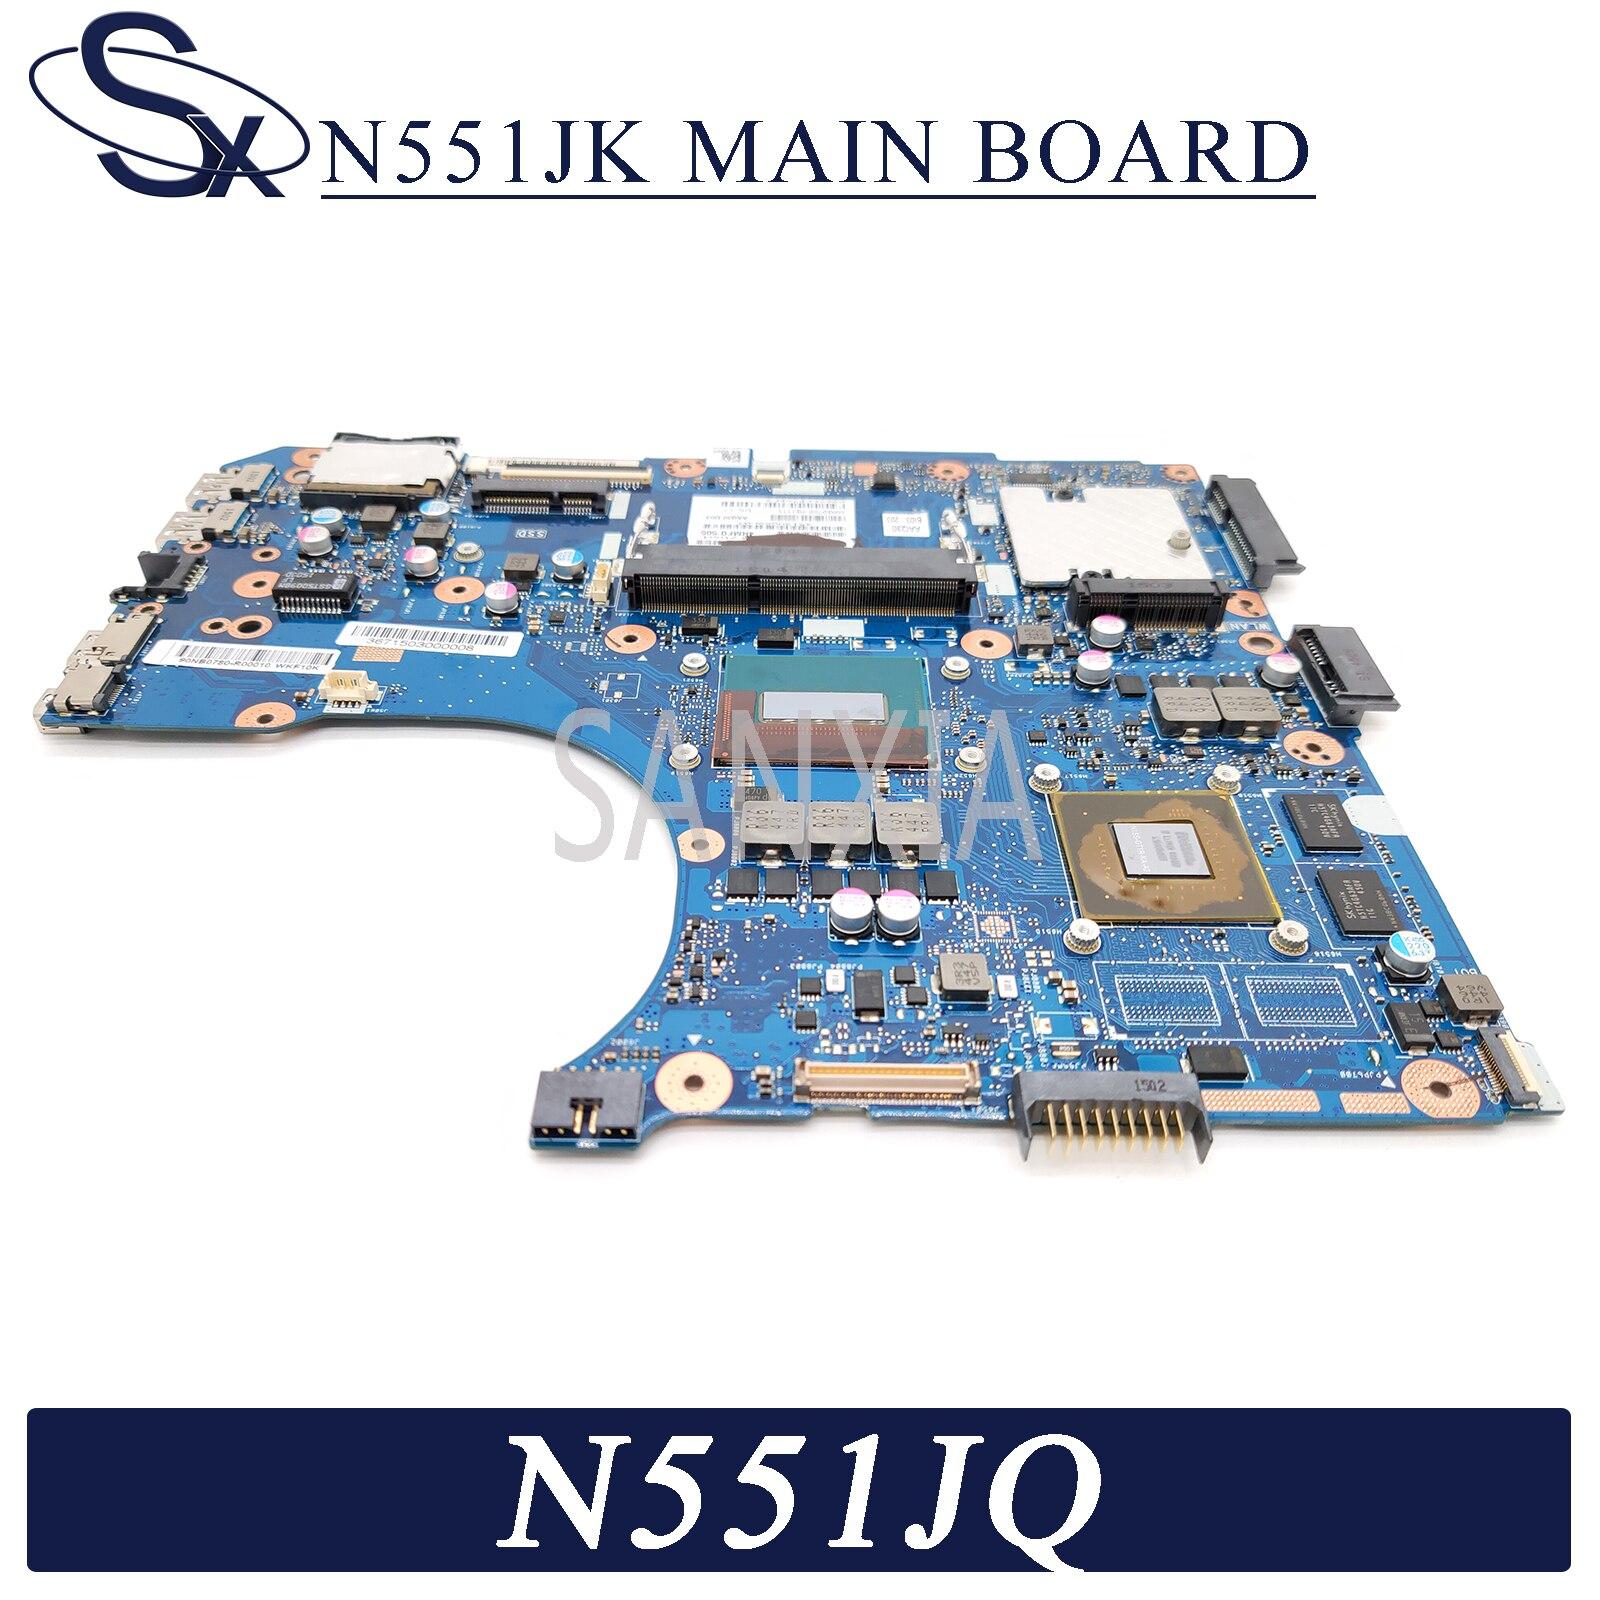 KEFU N551JK Laptop motherboard for ASUS N551JQ N551JB G551JK G551J N551J original mainboard I7-4710HQ GTX845M-2GB